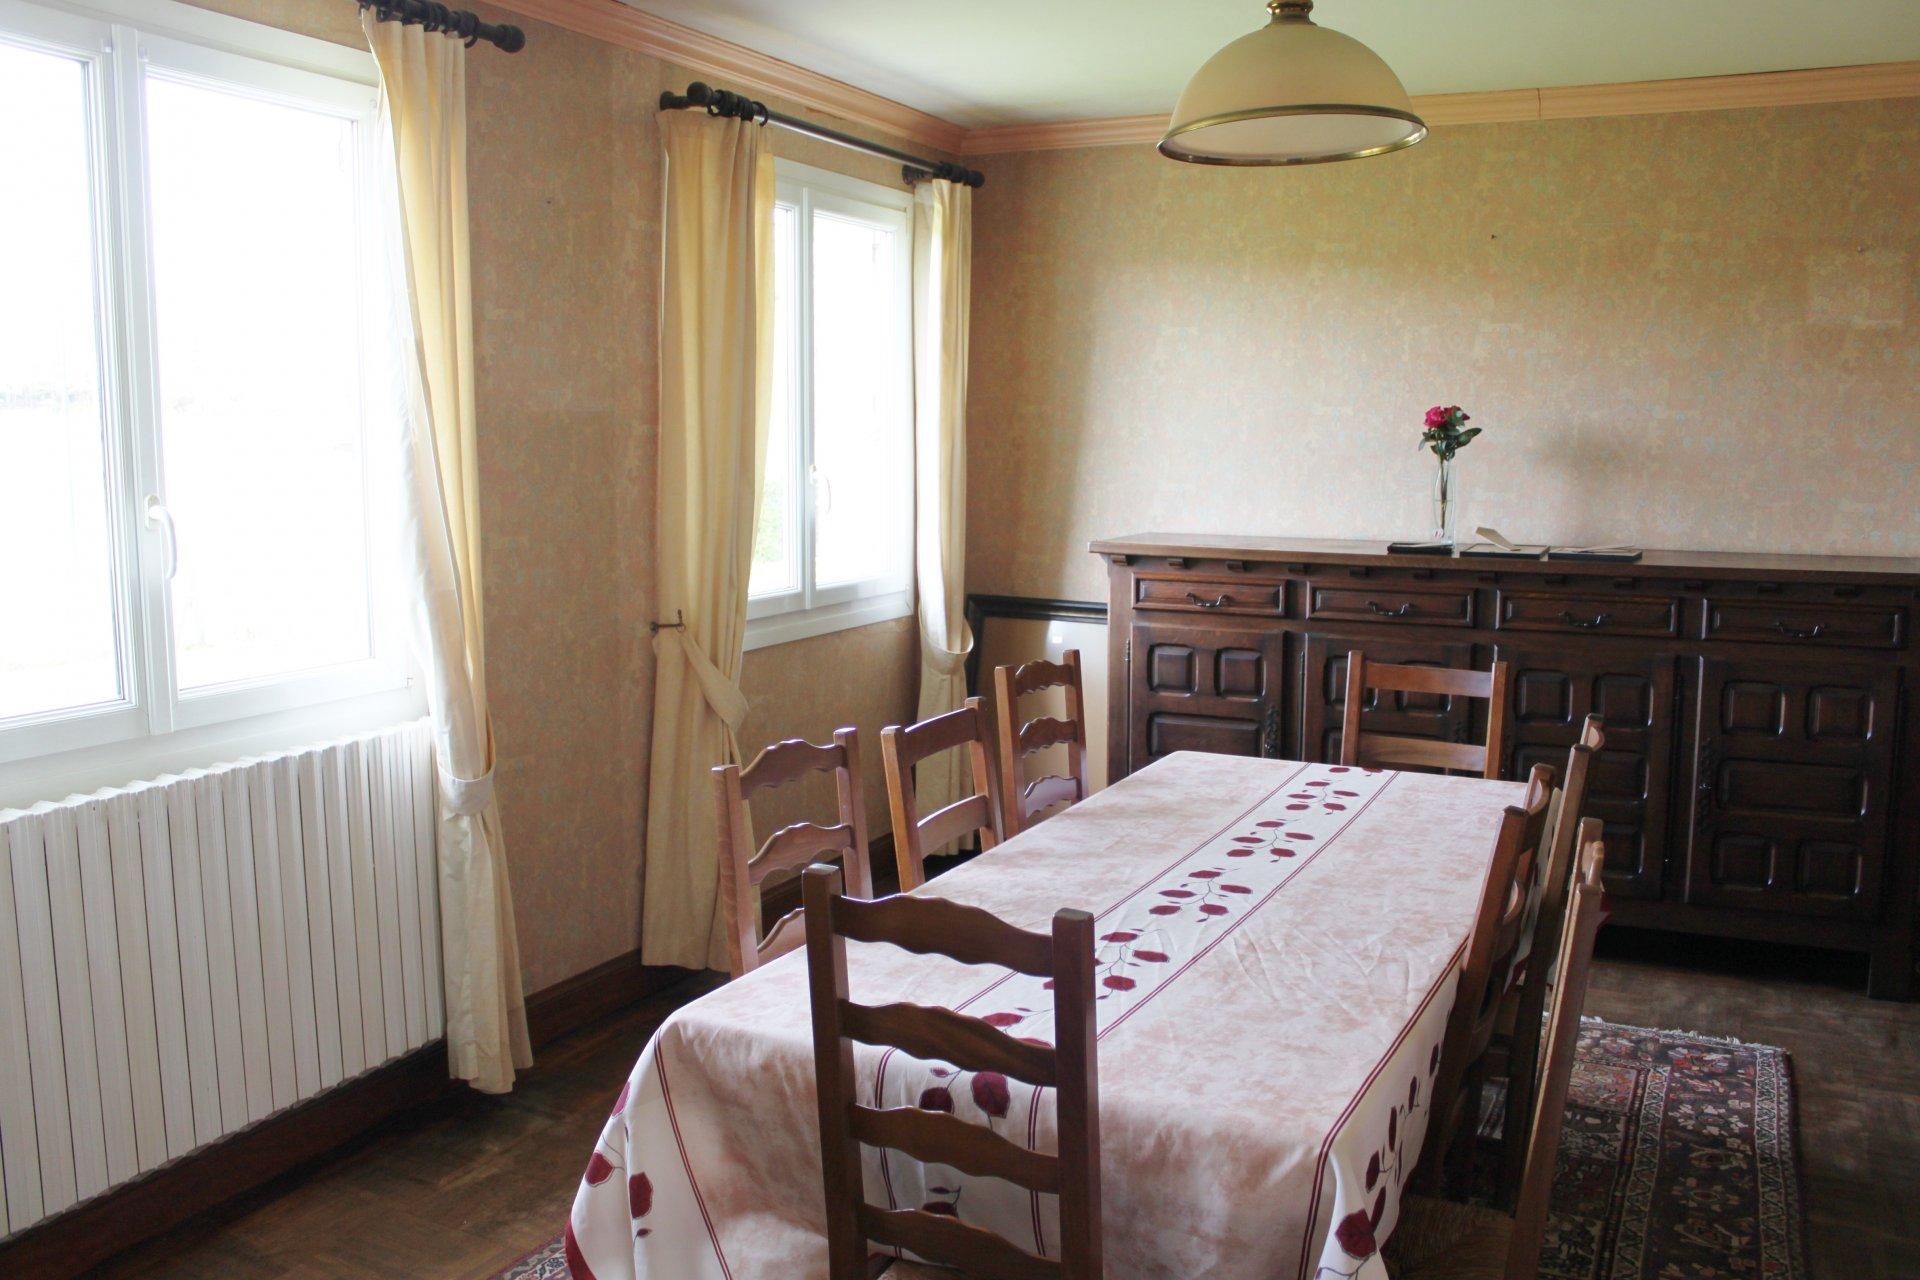 Maison 5 pièces 100m² - Lampaul Guimiliau